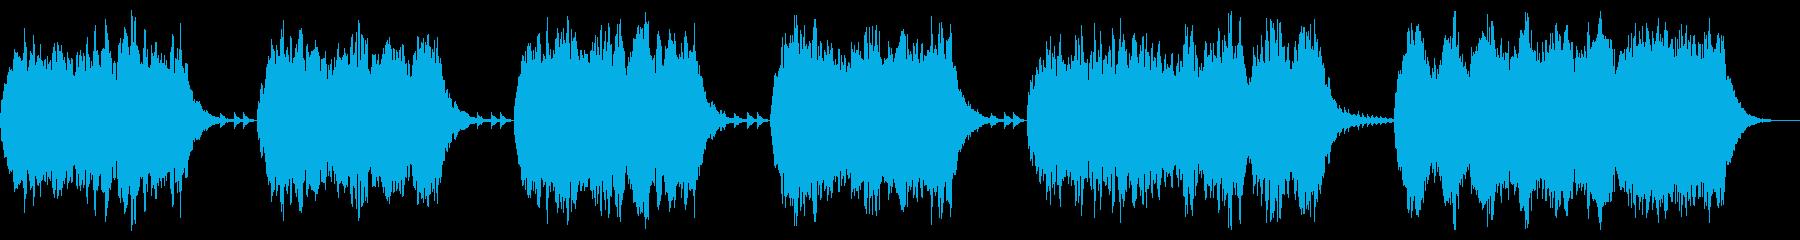 終焉、終末を彷彿とさせるダークなBGMの再生済みの波形